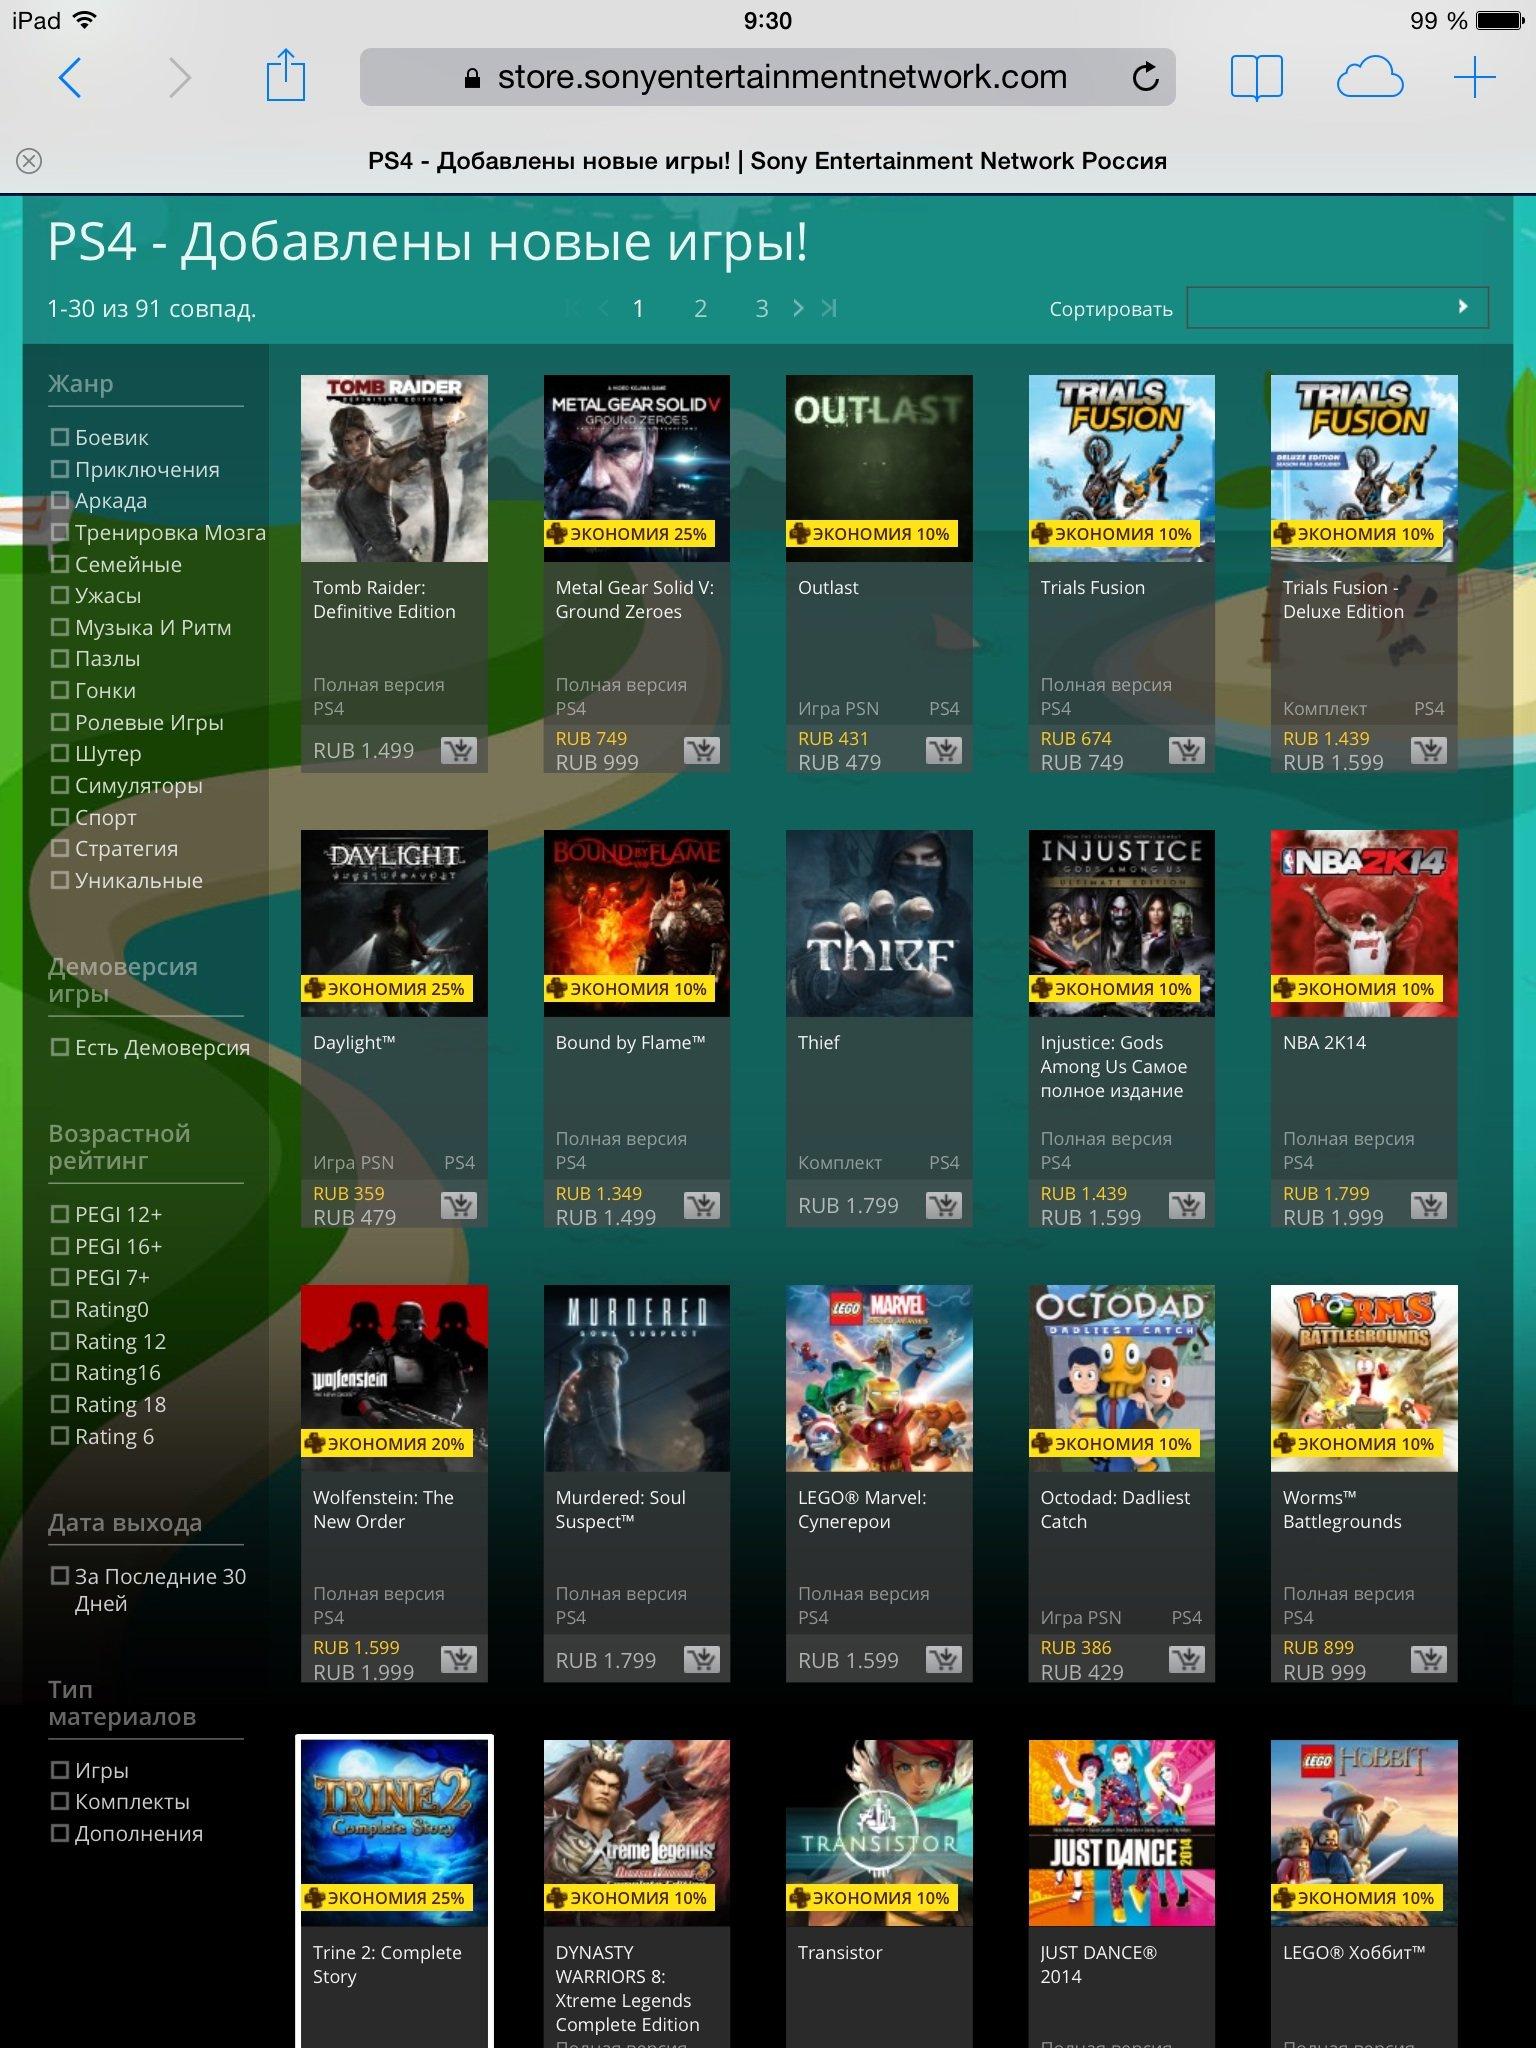 Летняя распродажа для PS4 в PSN. - Изображение 1